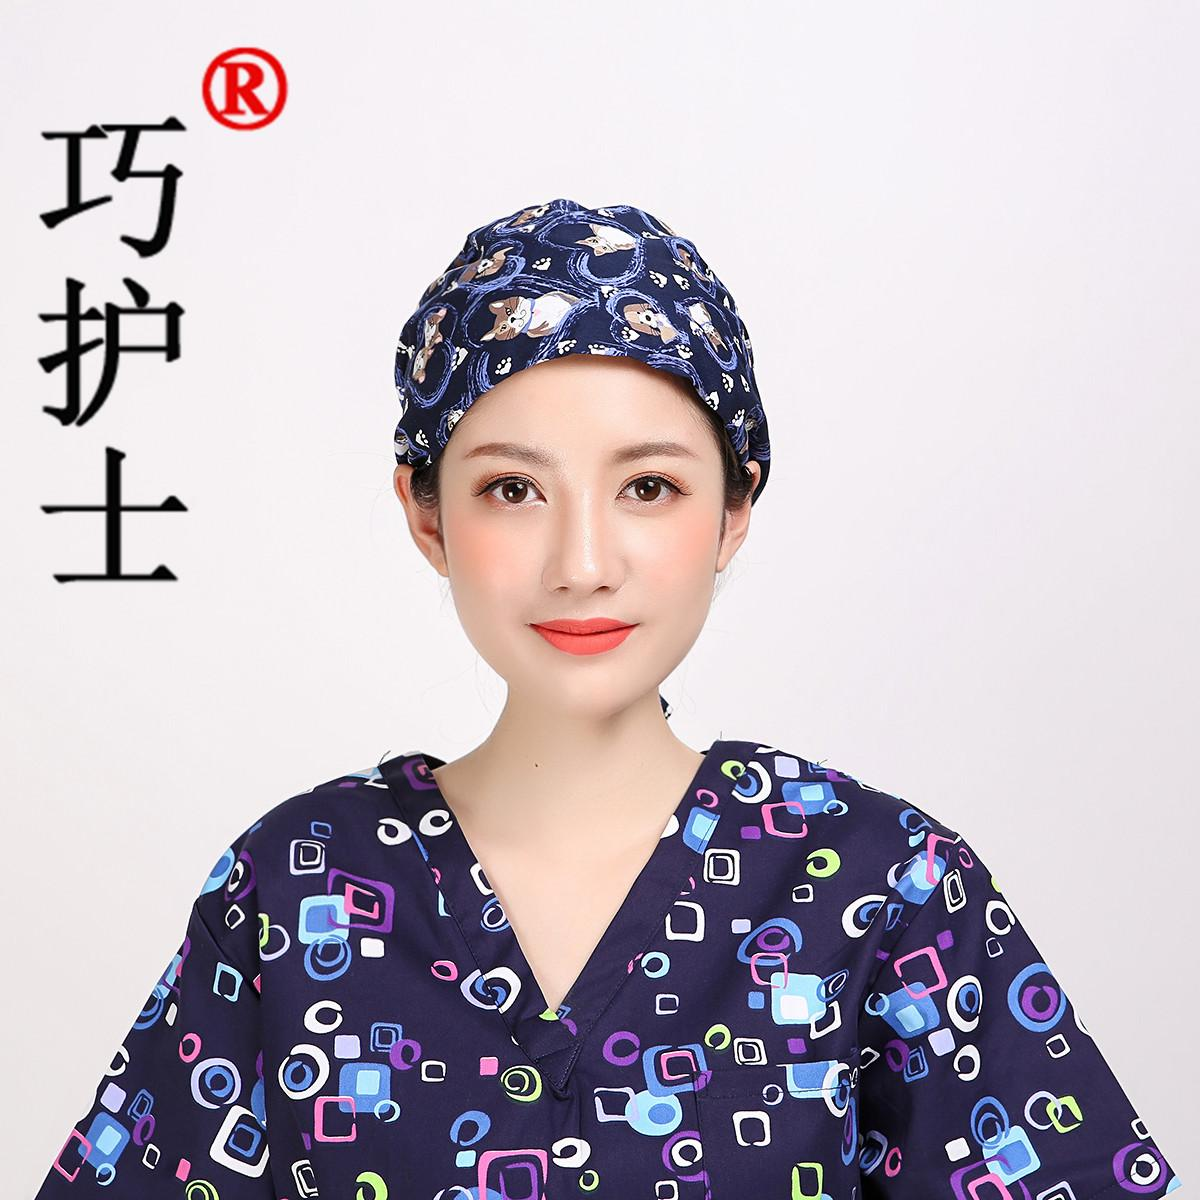 Qiao perawat tali sepatu Labu Topi Cinta kucing Pria dan wanita ruang operasi Topi katun murni